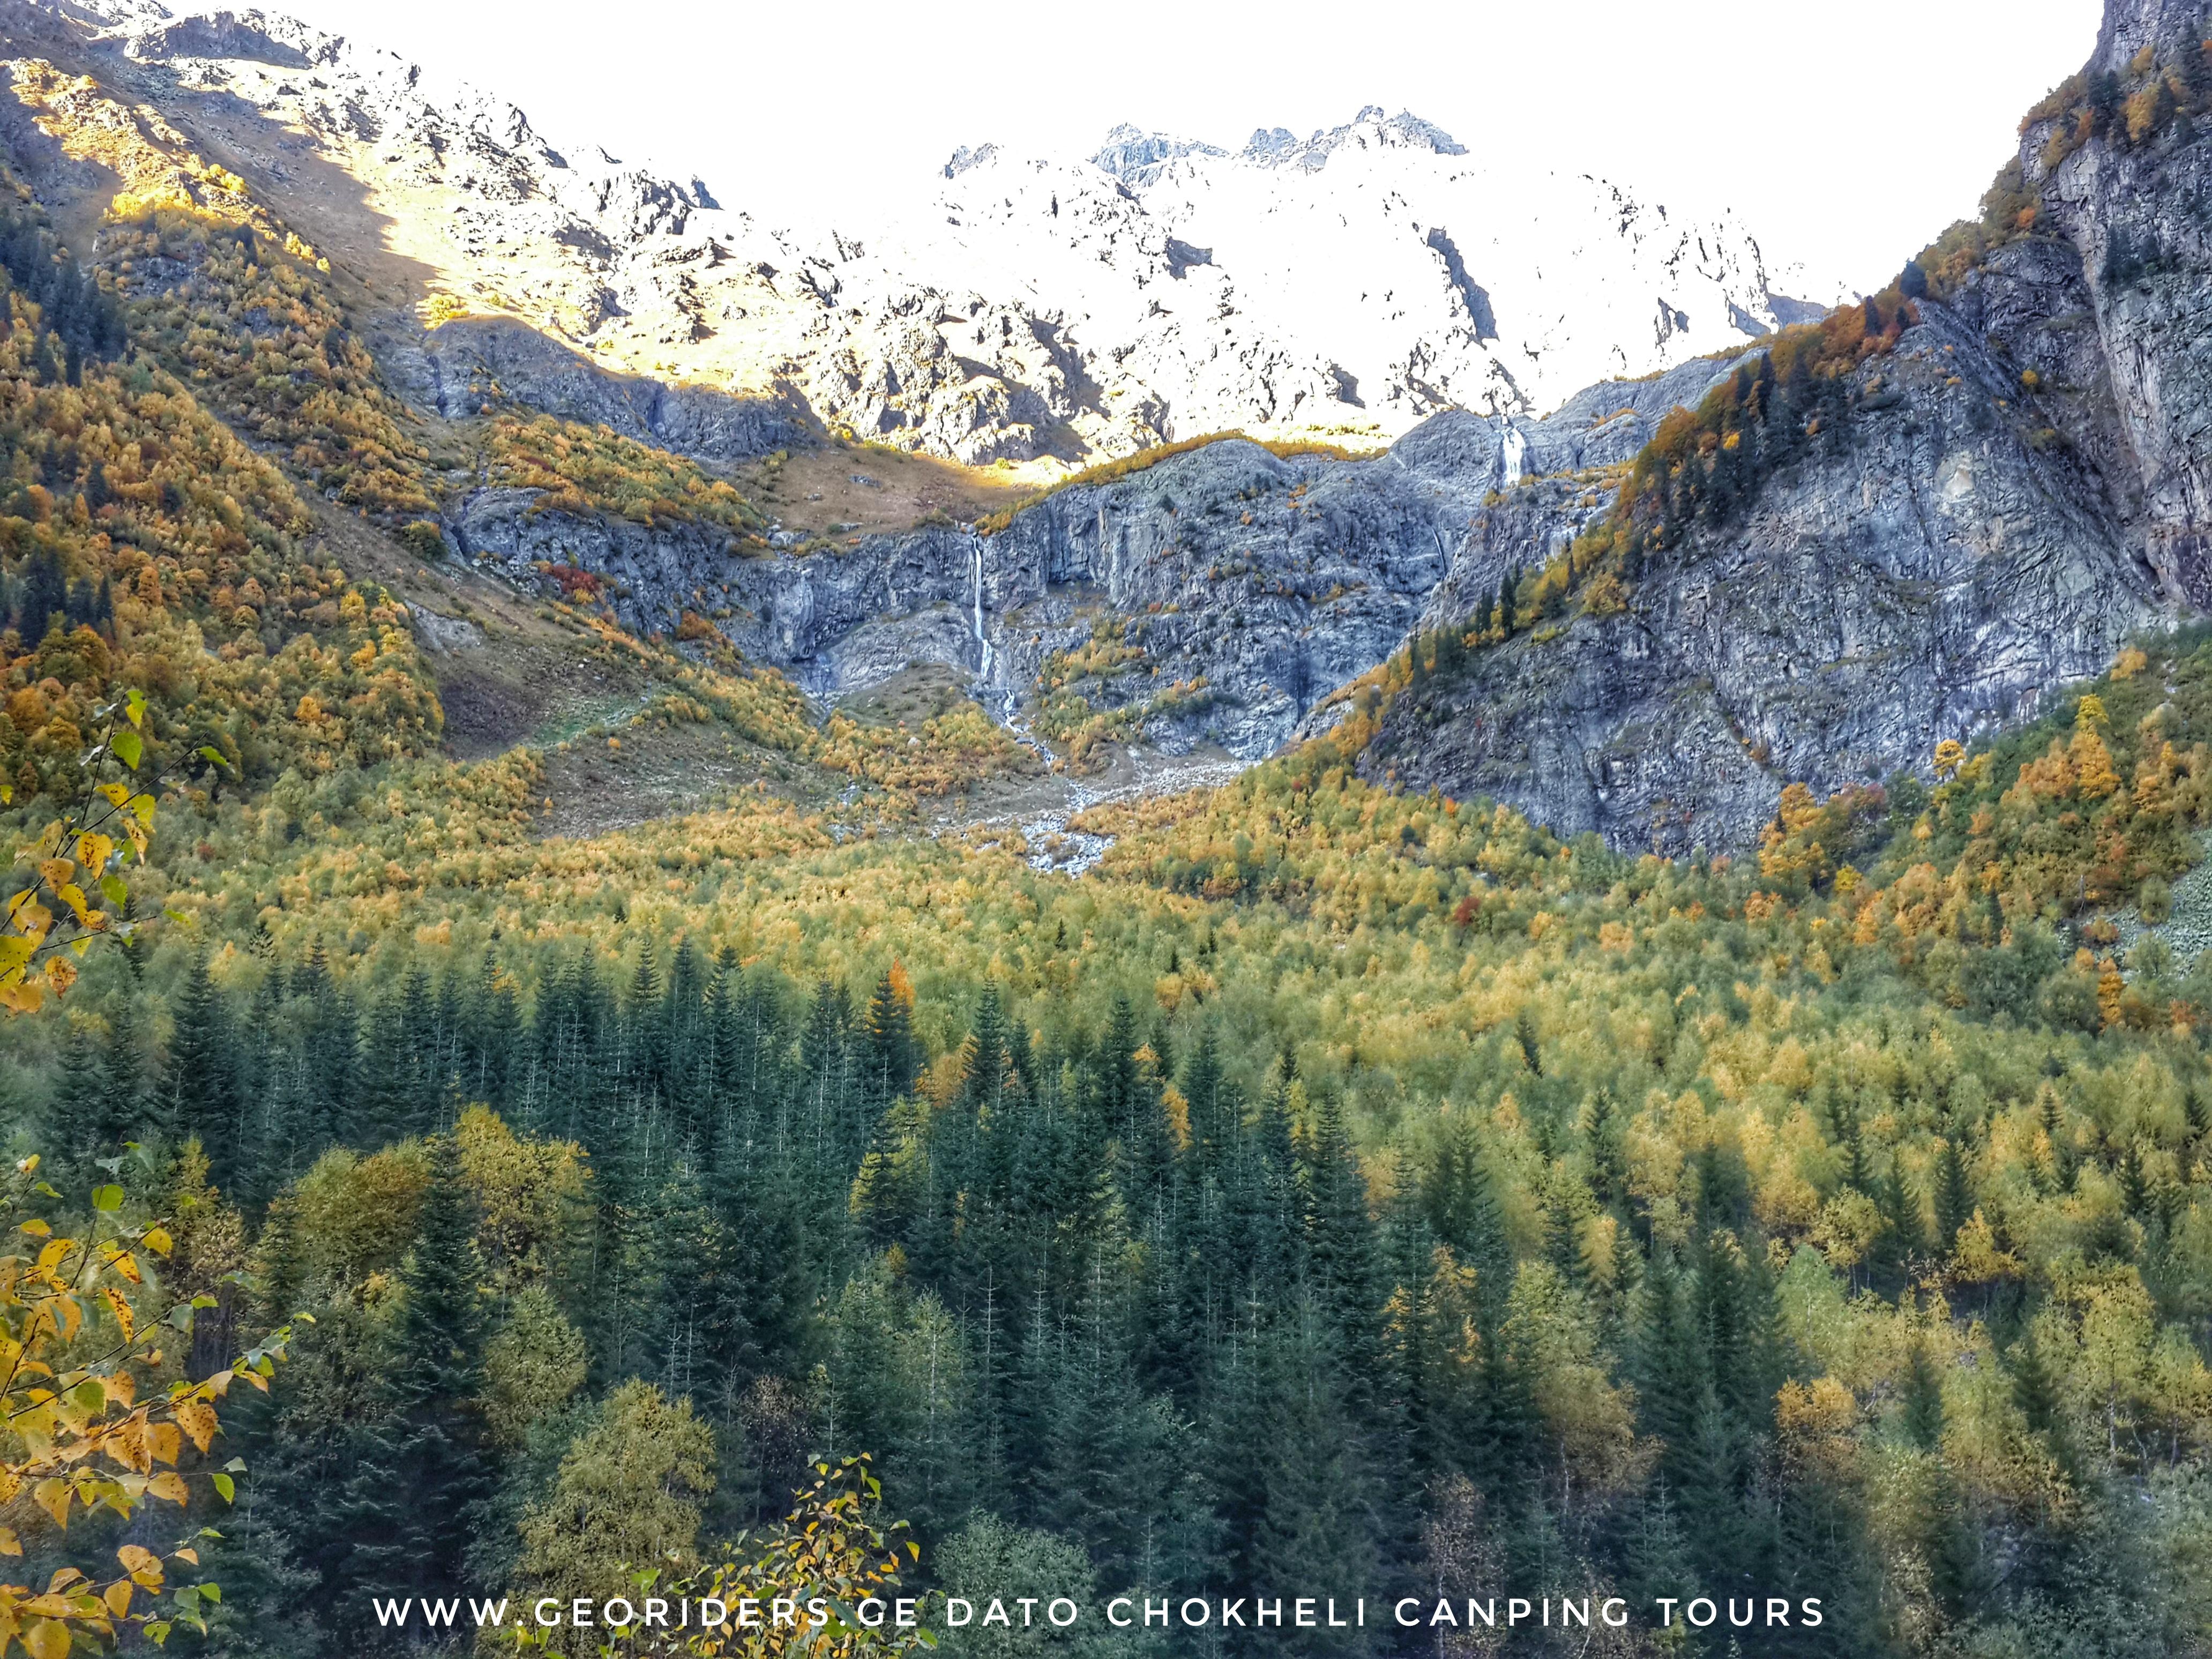 Svaneti view of Ushba water fall